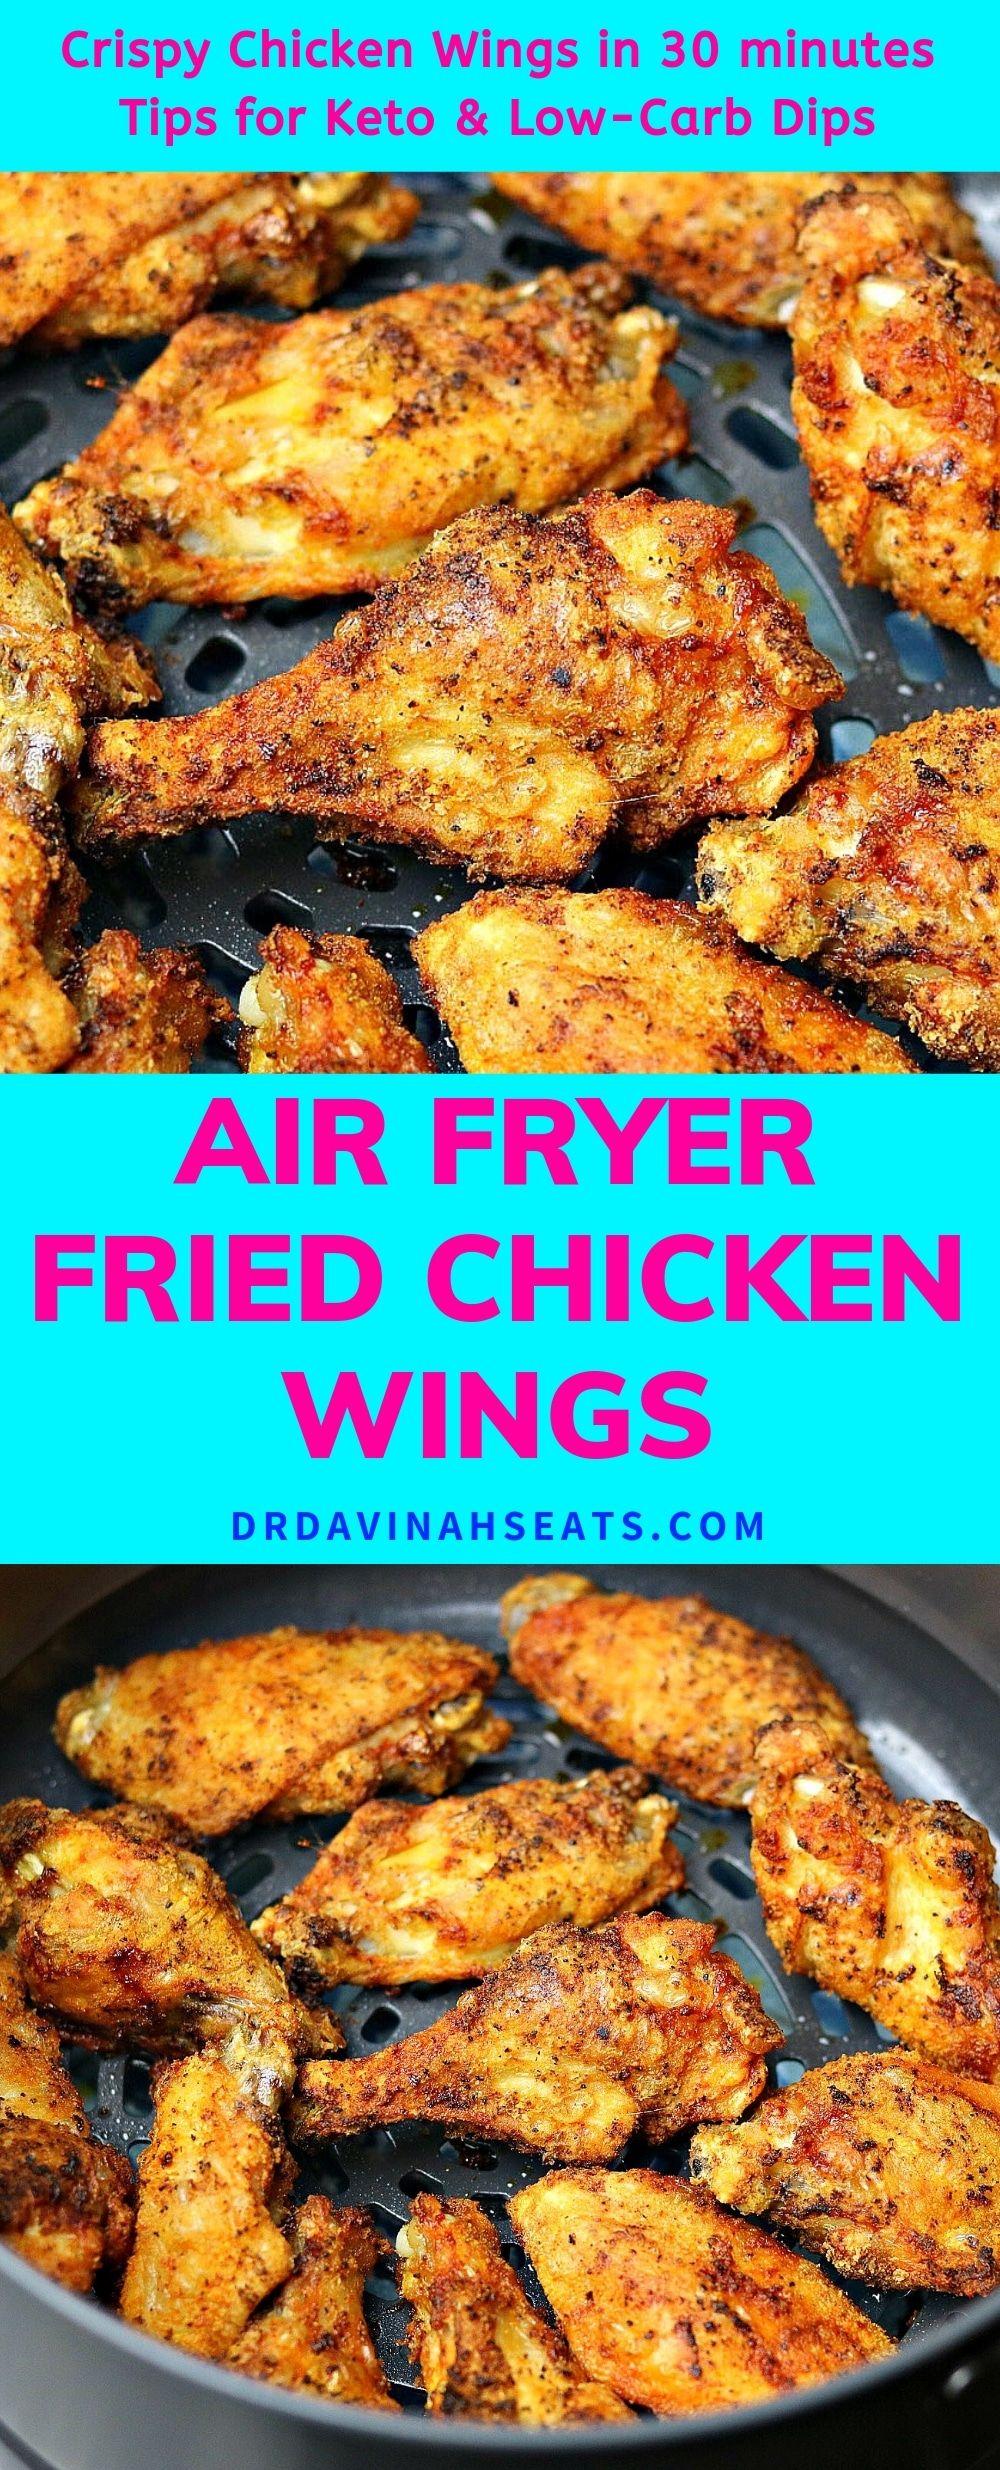 Ninja Air Fryer Fried Chicken Wings Recipe Air fryer